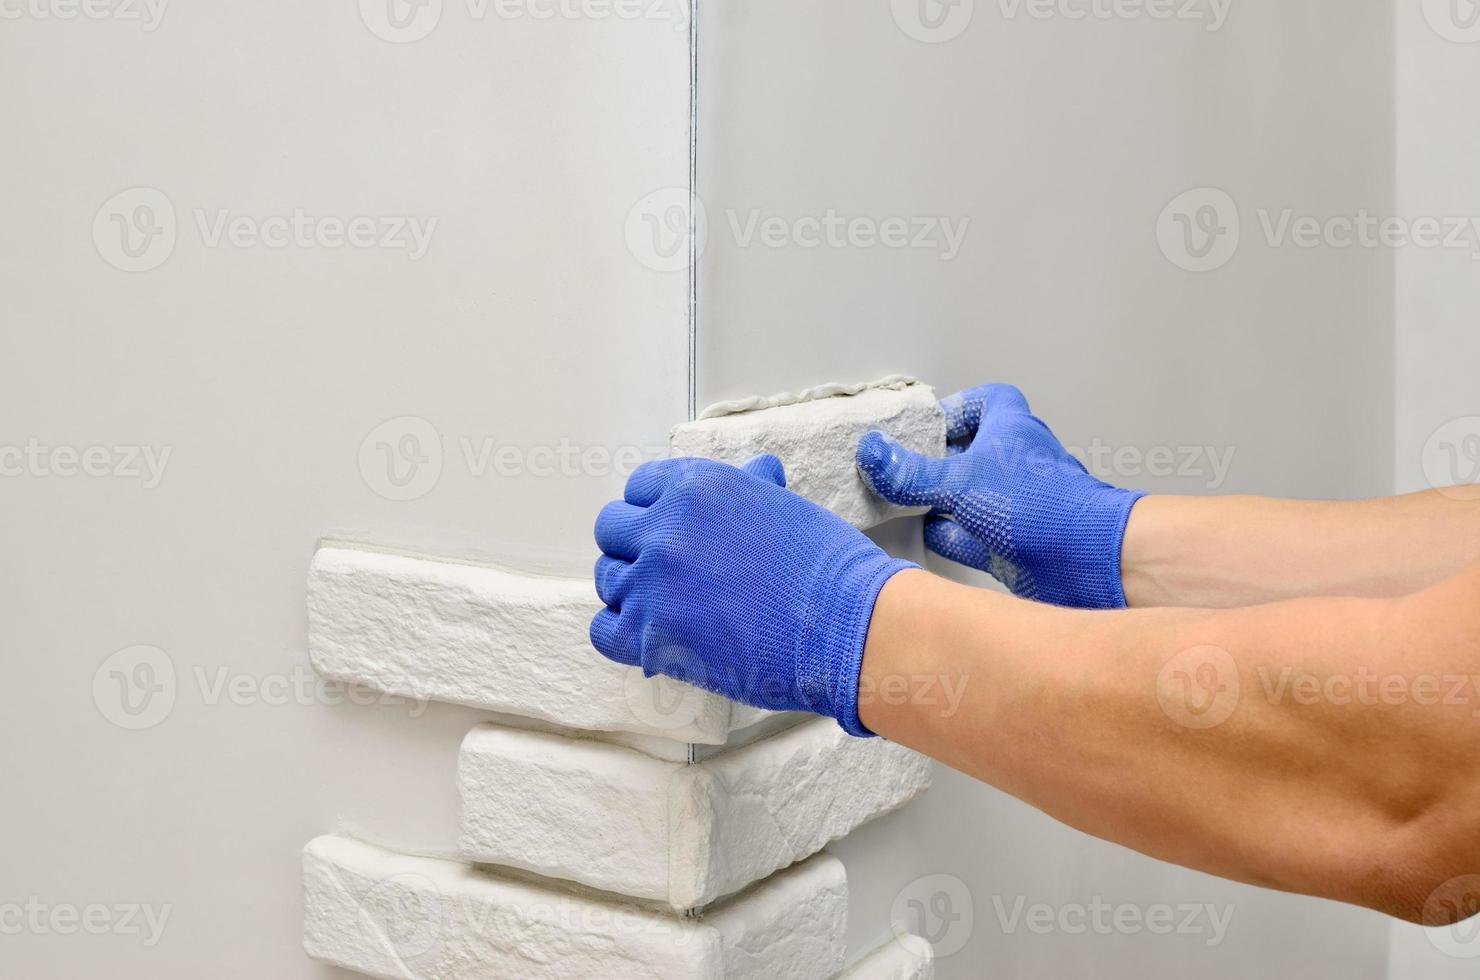 piastrelle decorative da parete, operai in guanti blu foto